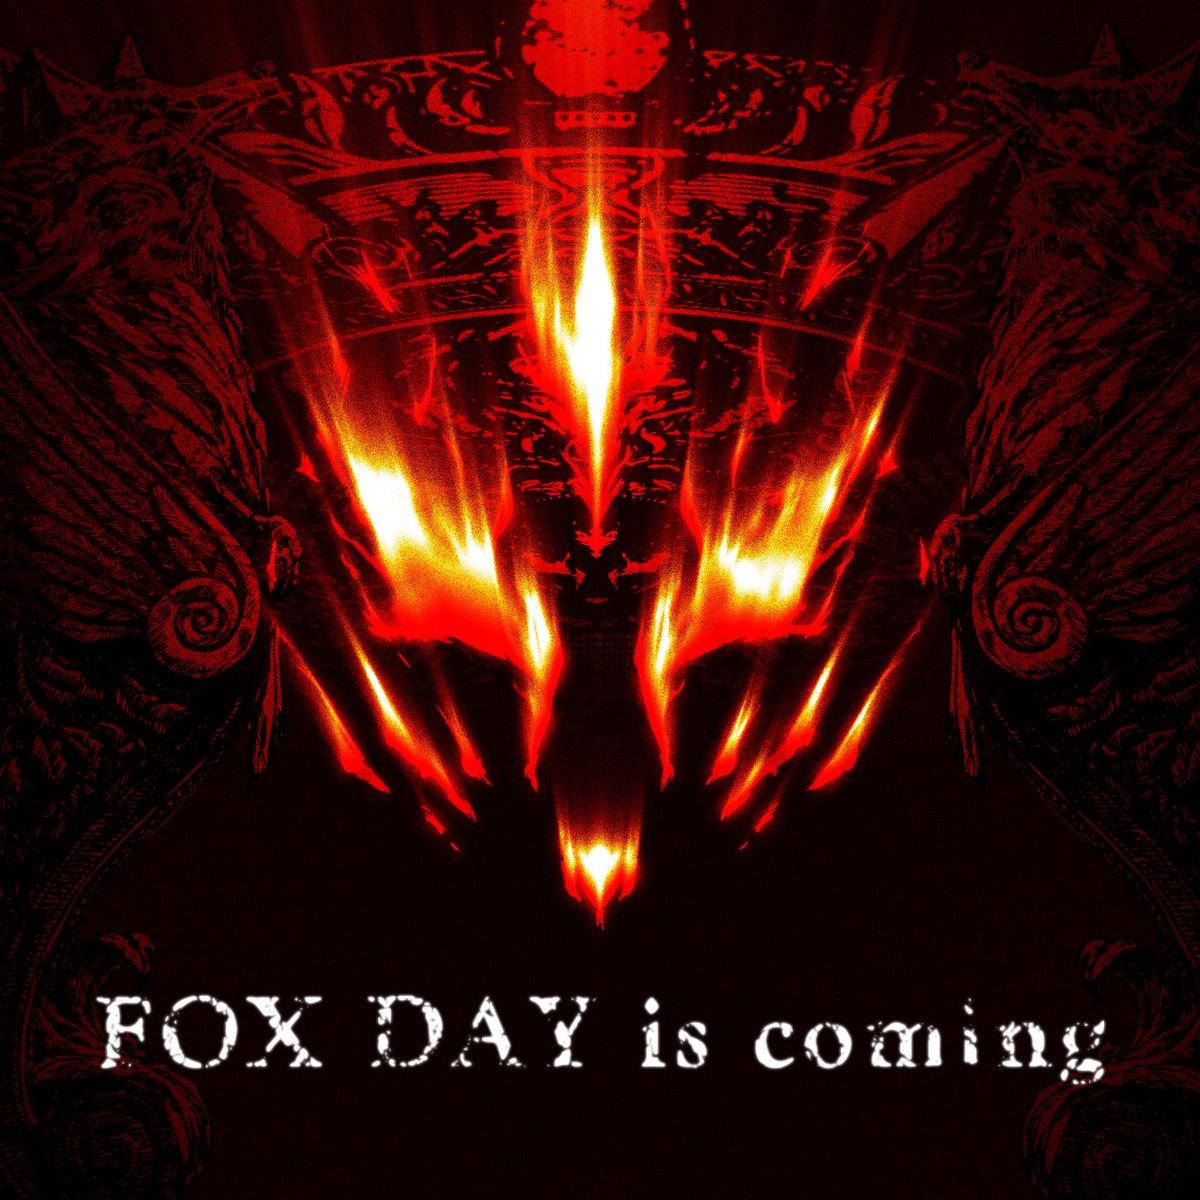 BABYMETALにとって重要なFOX DAY(4月1日)に何が発表されると思う?